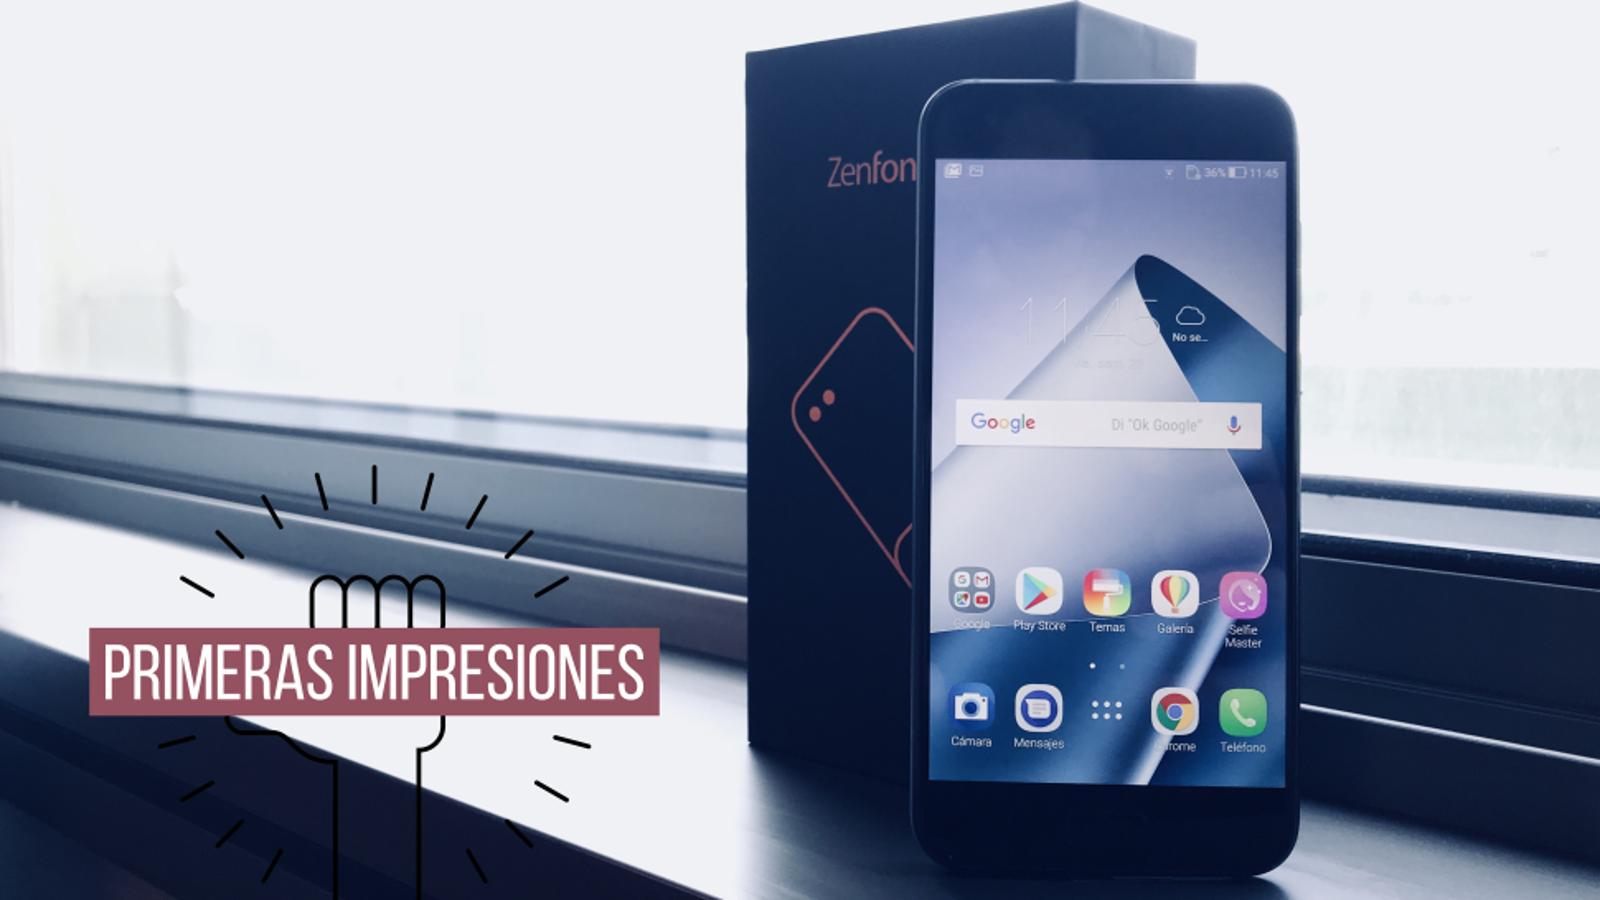 Probamos los Zenfone 4: los nuevos teléfonos de Asus son excelentes ...